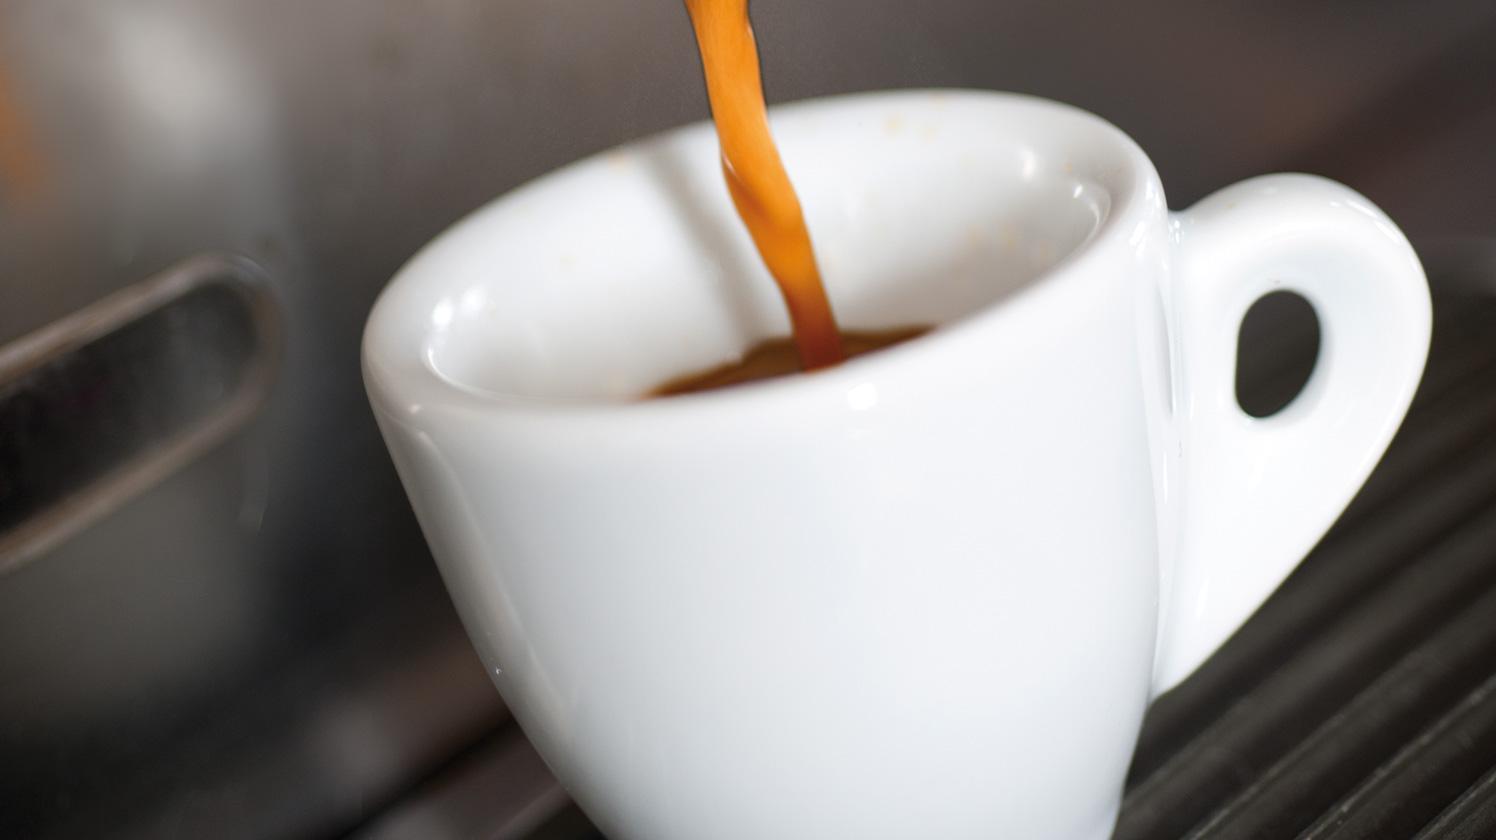 BRITA Filter AquaAroma Crema Espresso-Zubereitung